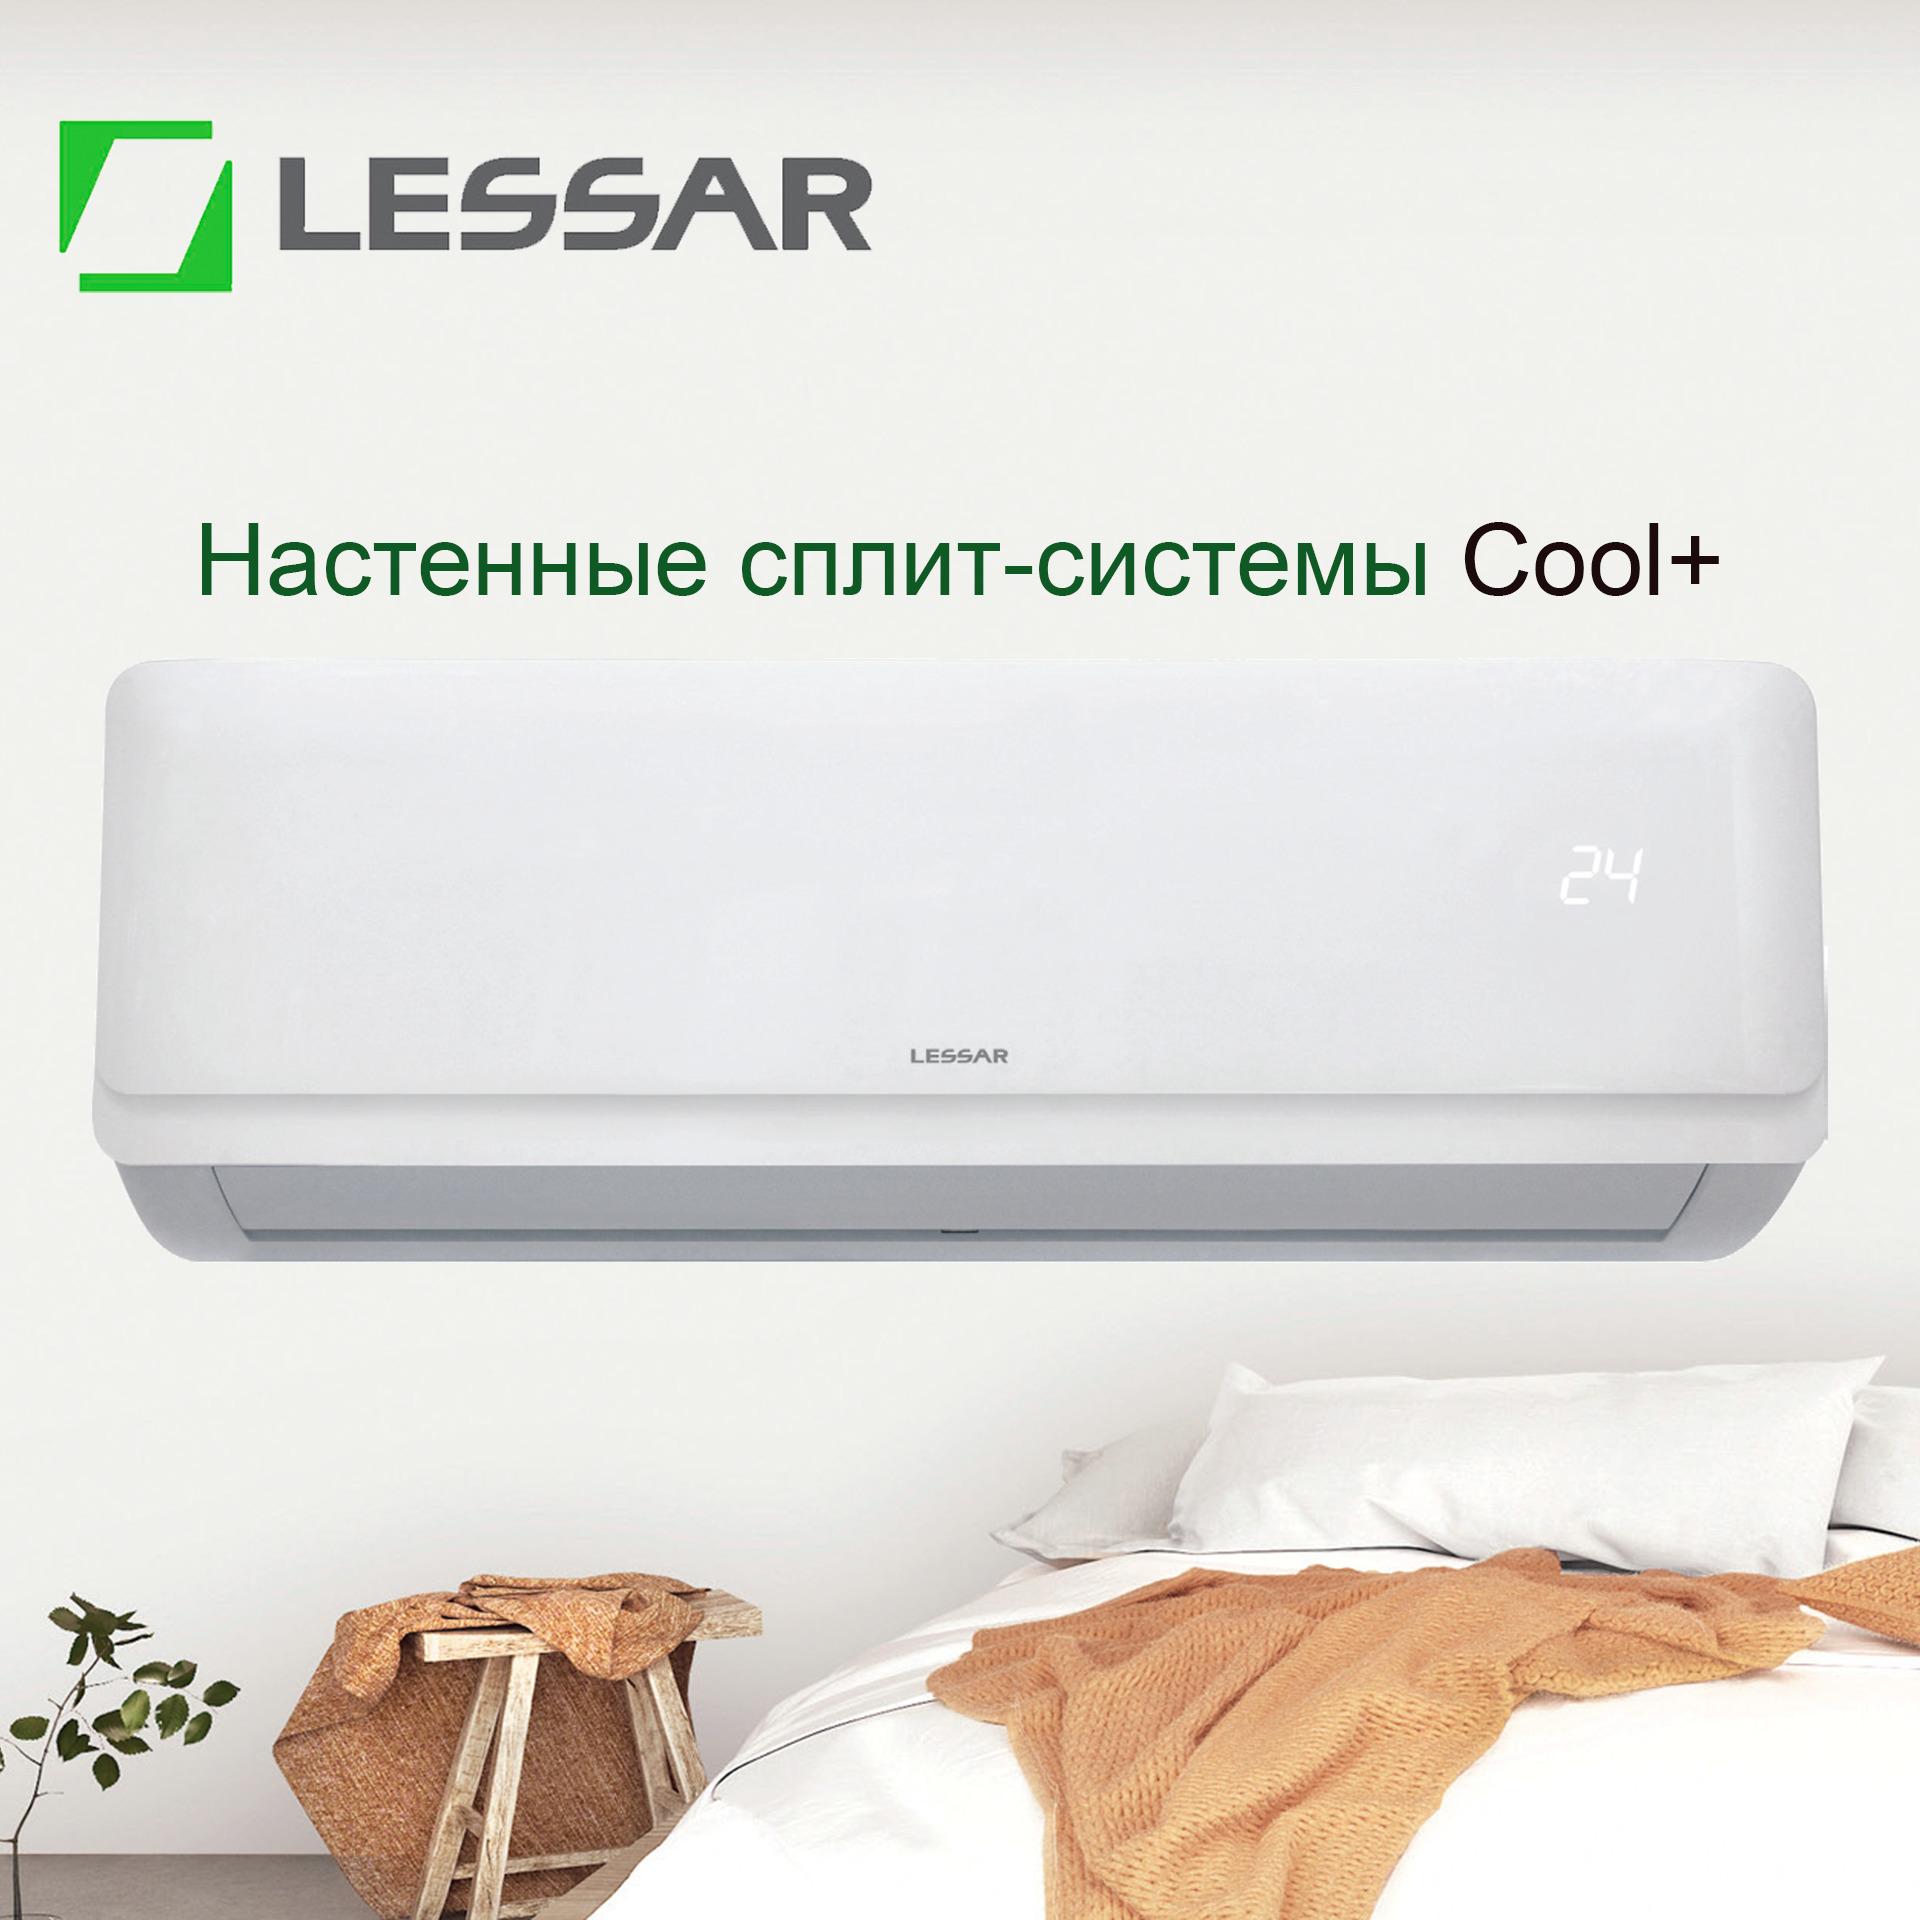 Расчет мощности и холодопроизводительности кондиционера